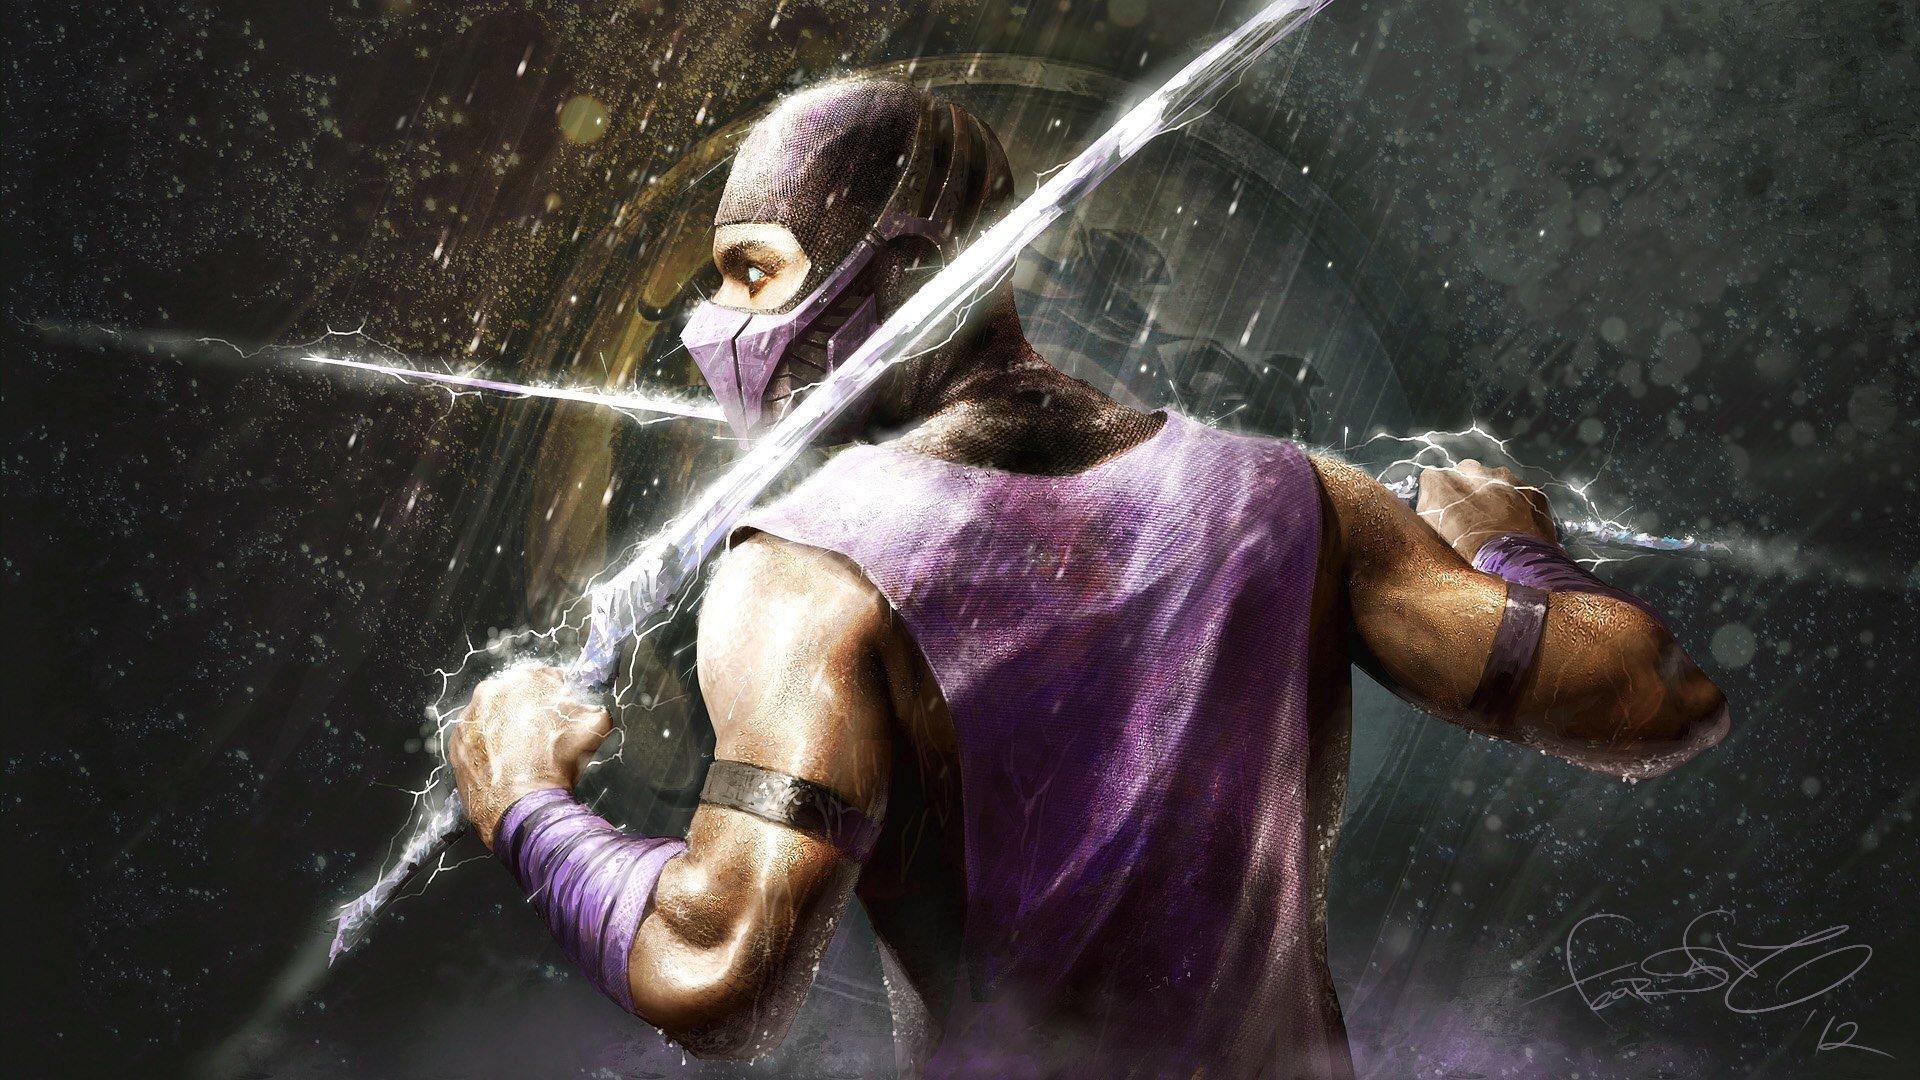 Art-Подборка Mortal Кombat. - Изображение 1